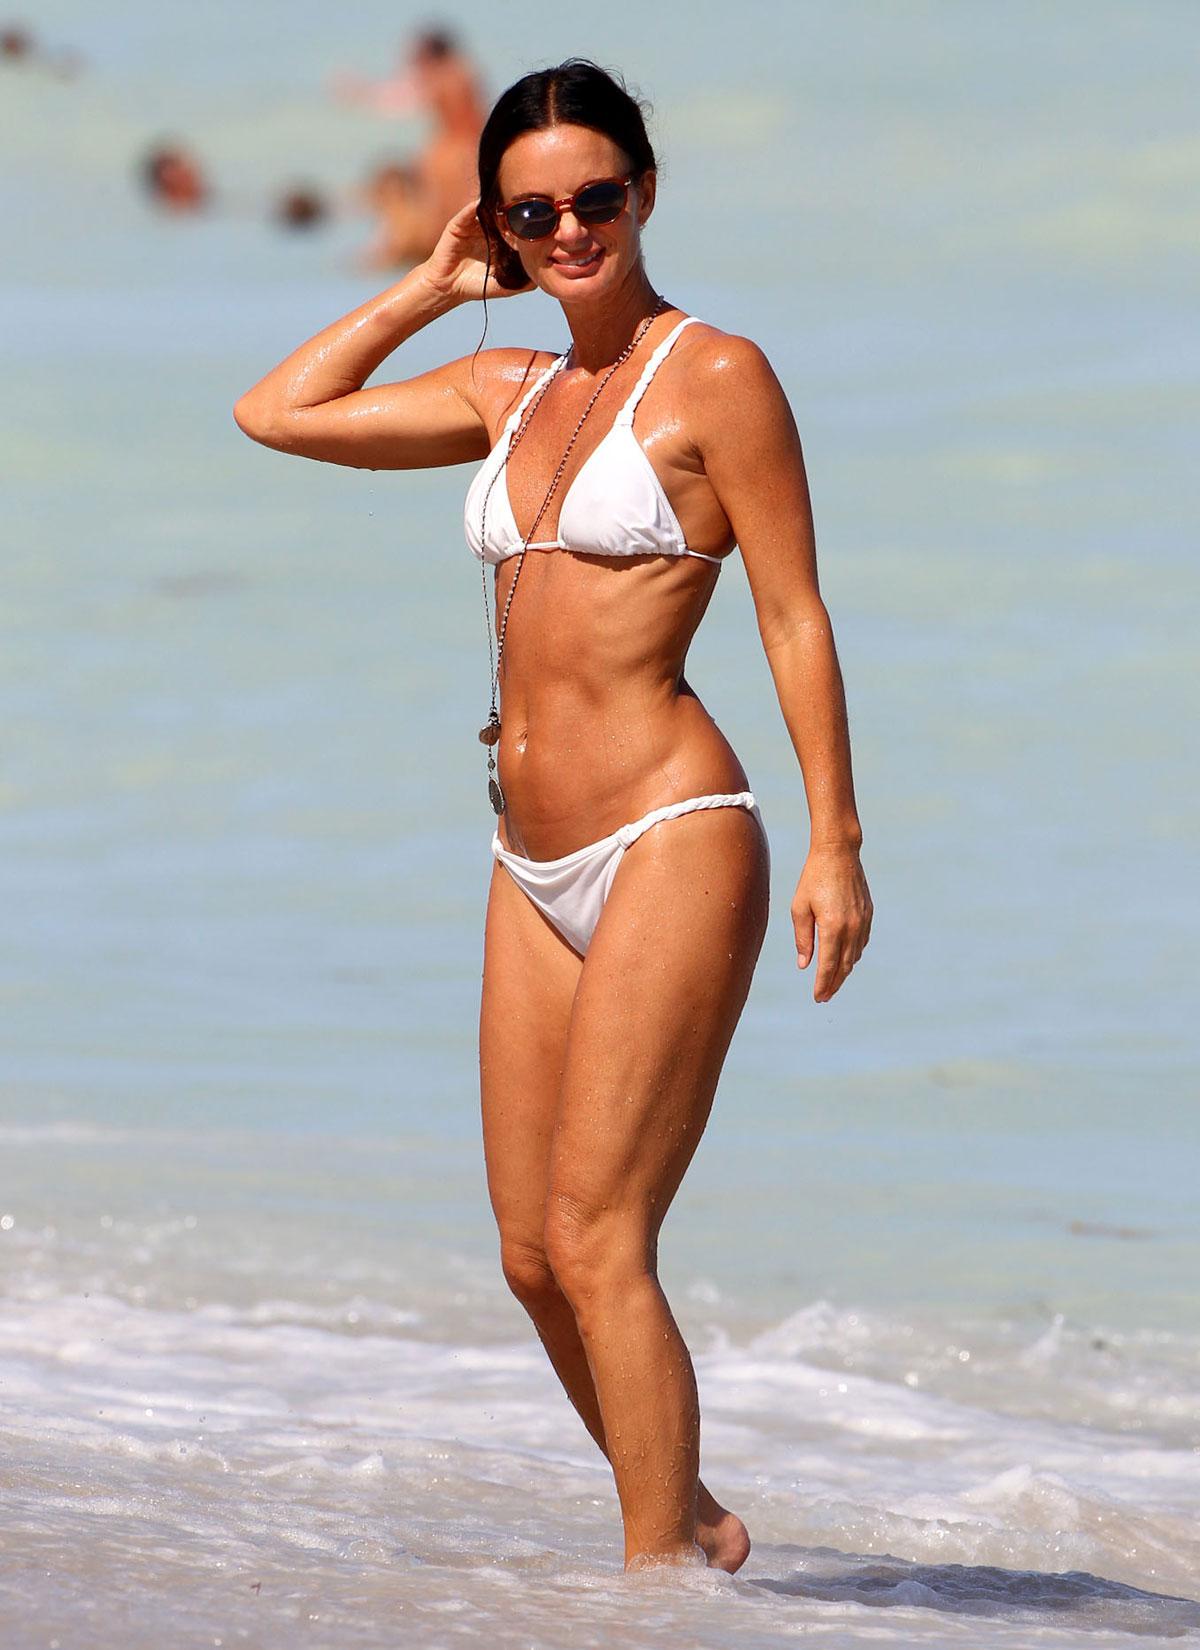 photos anwar gabrielle Bikini of